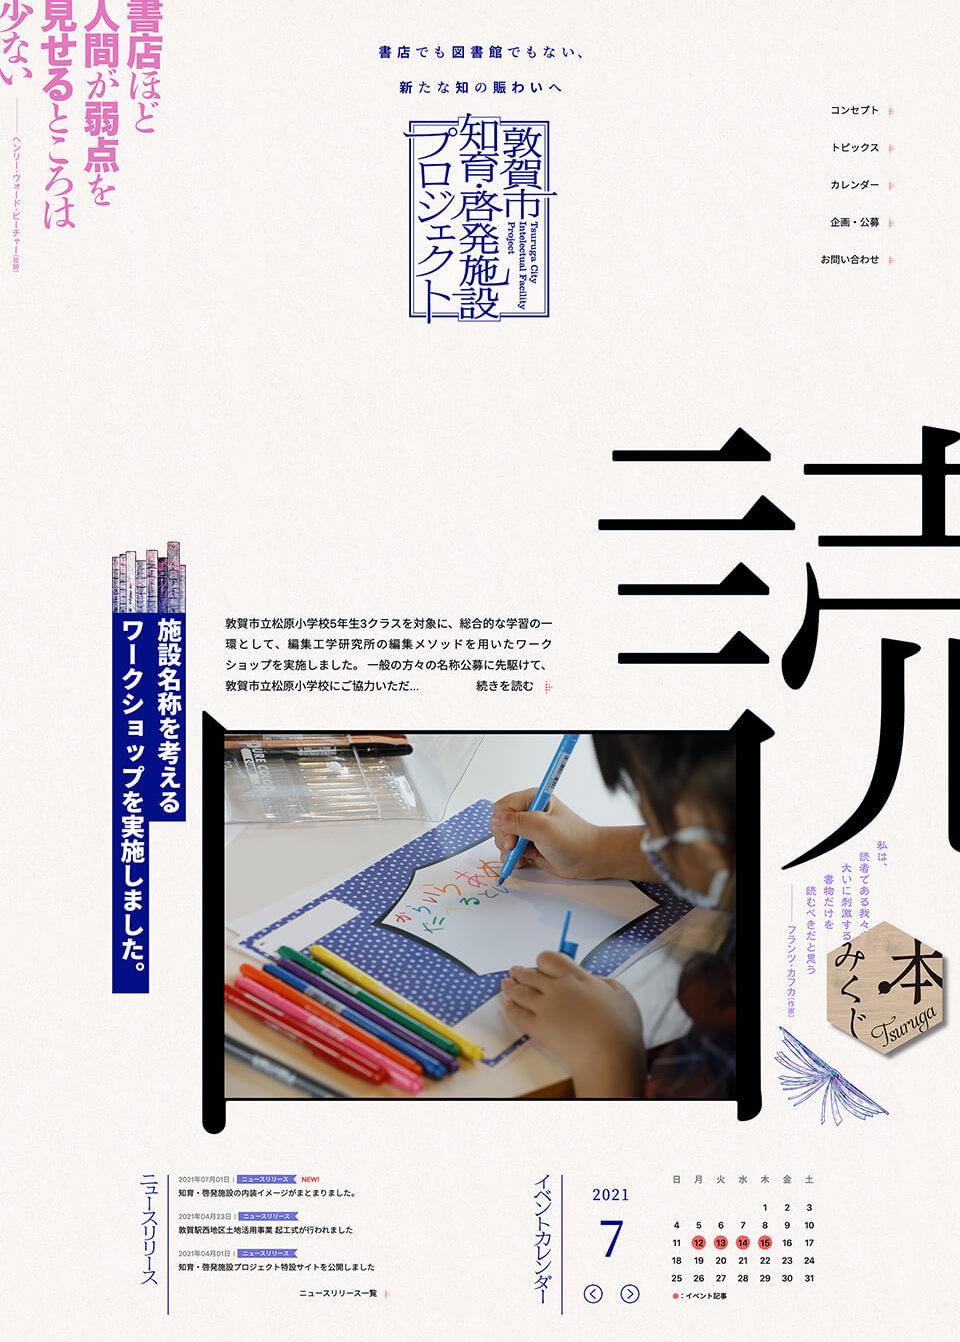 敦賀市 知育・啓発施設WEBサイトトップページ_トリミング済